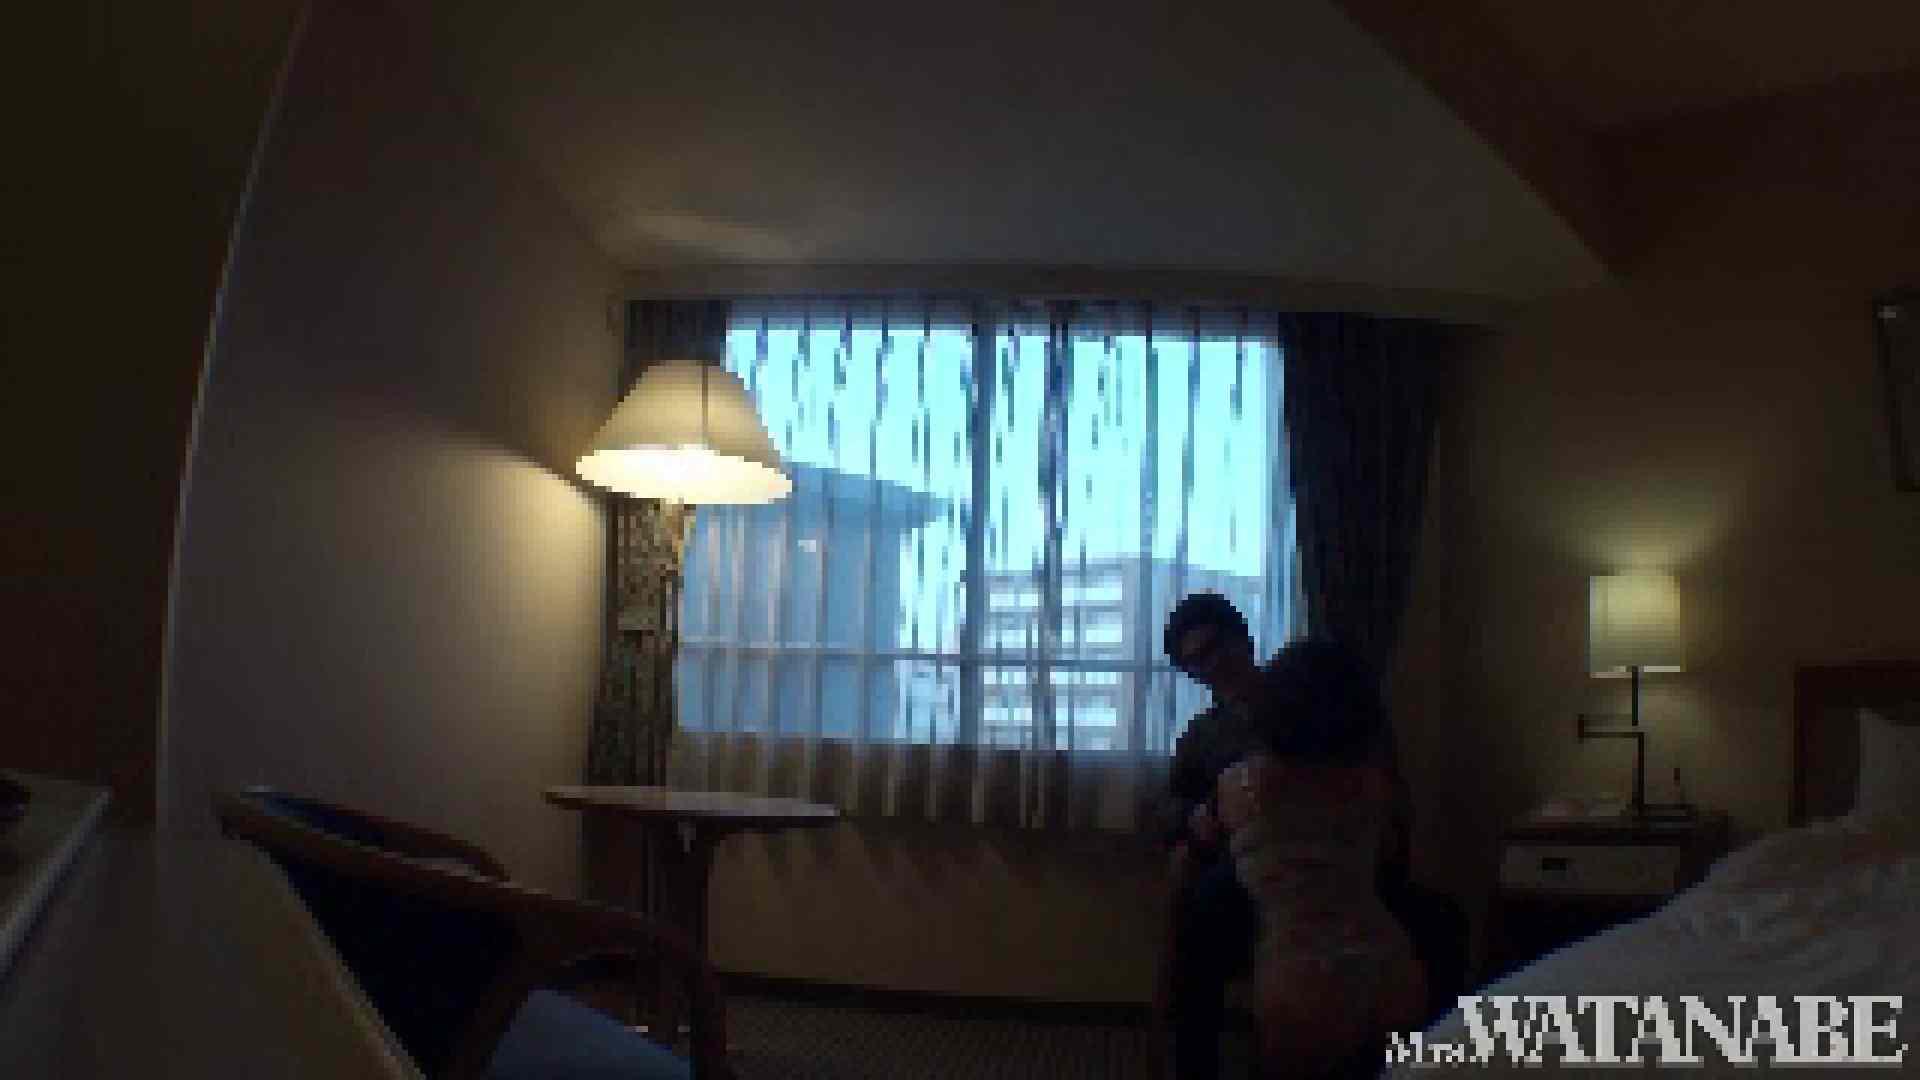 撮影スタッフを誘惑する痴熟女 かおり40歳 Vol.03 OLのエッチ | 熟女のエッチ  93pic 7